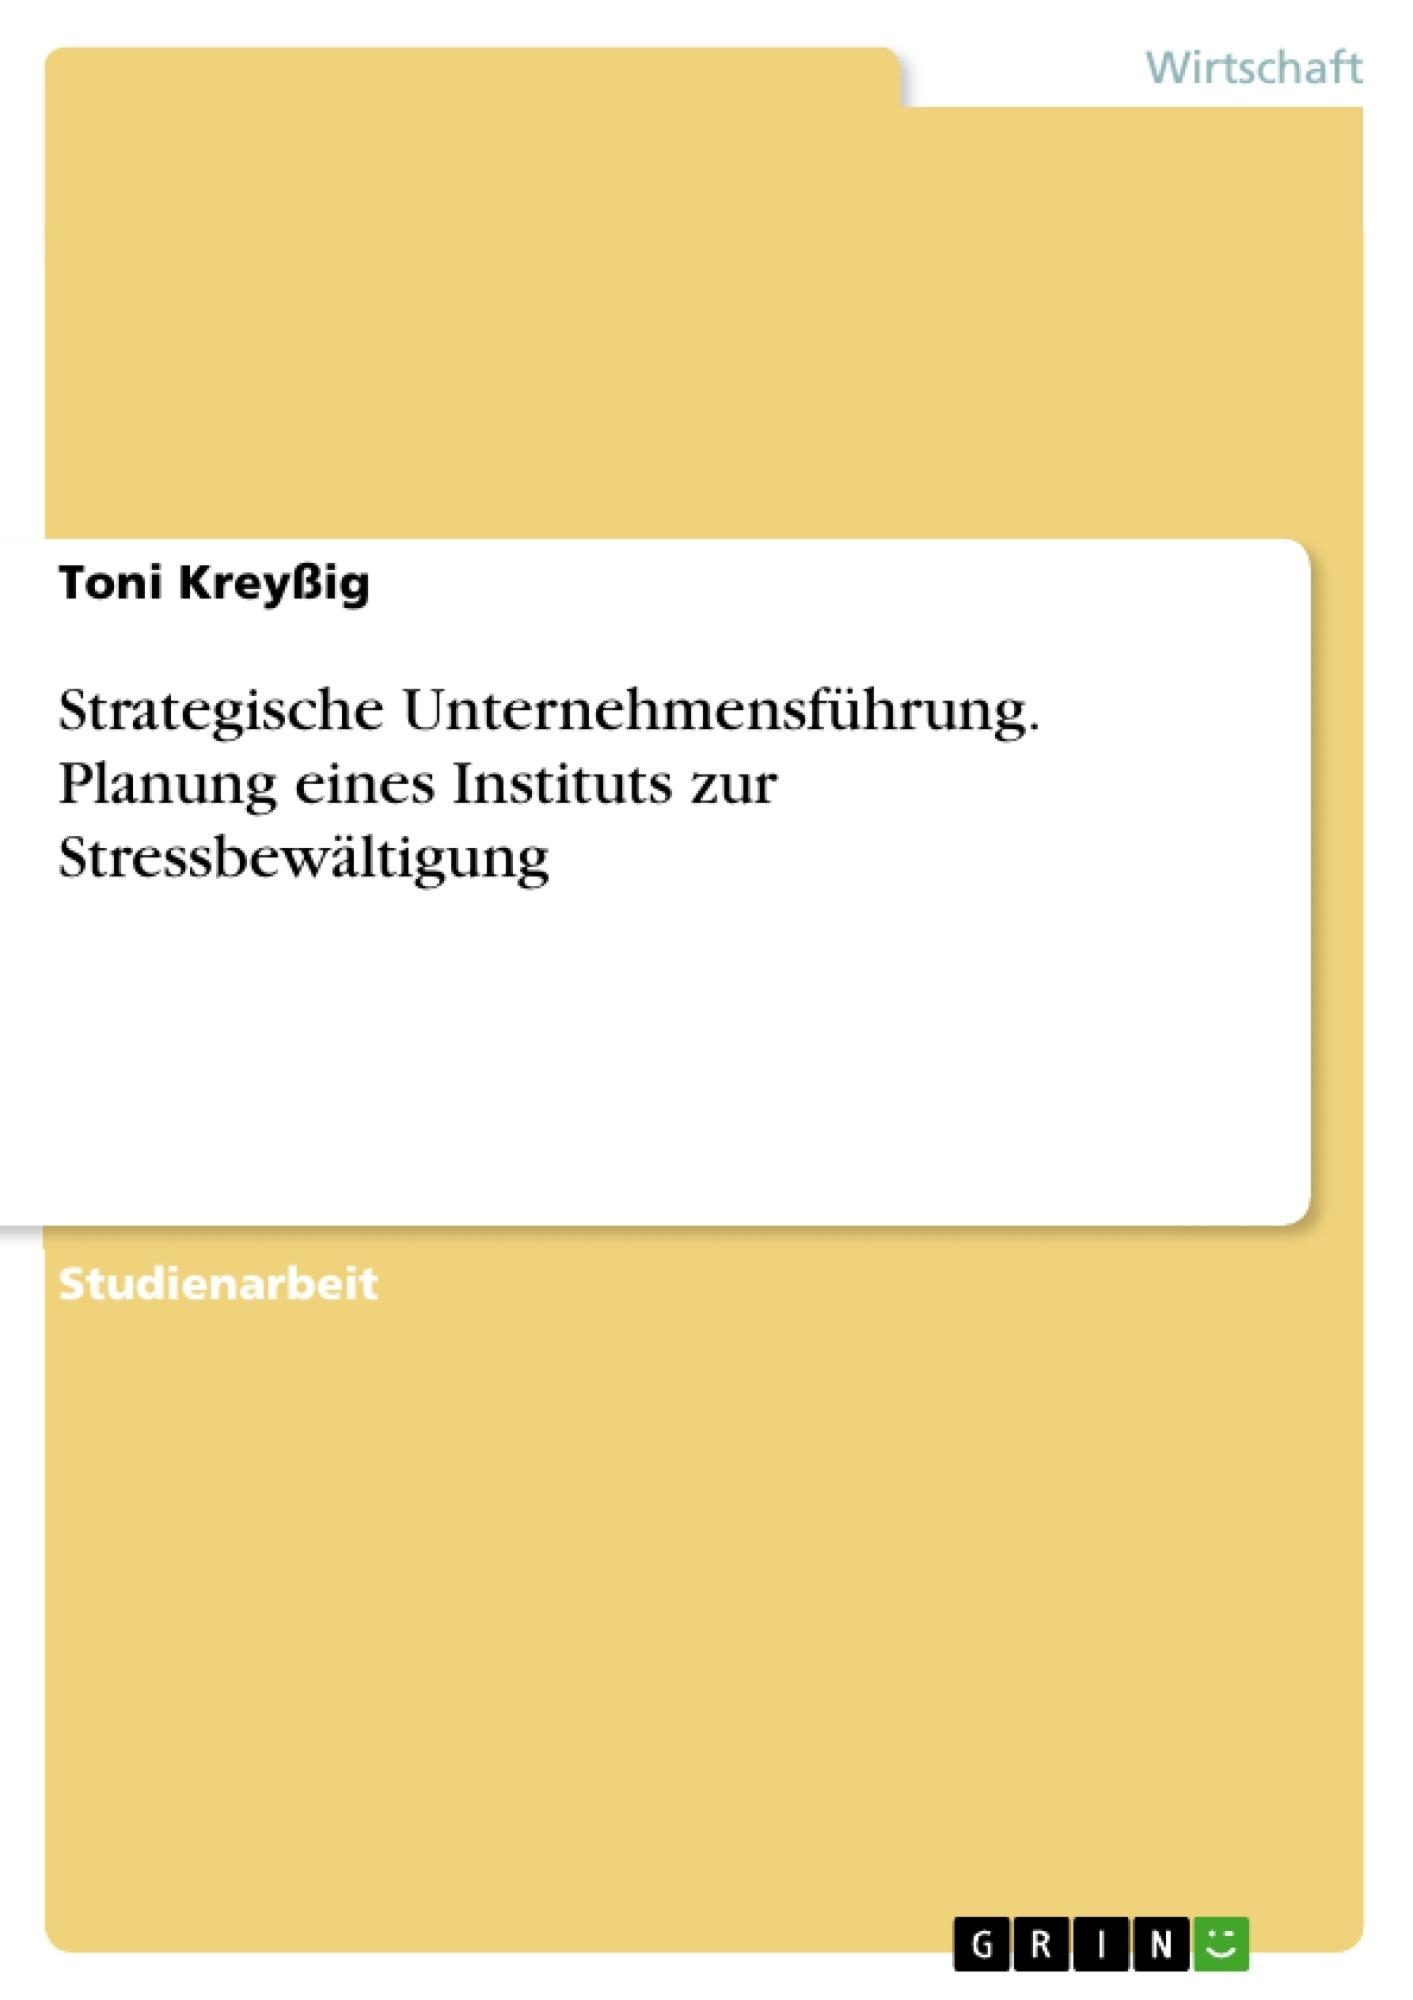 Titel: Strategische Unternehmensführung. Planung eines Instituts zur Stressbewältigung